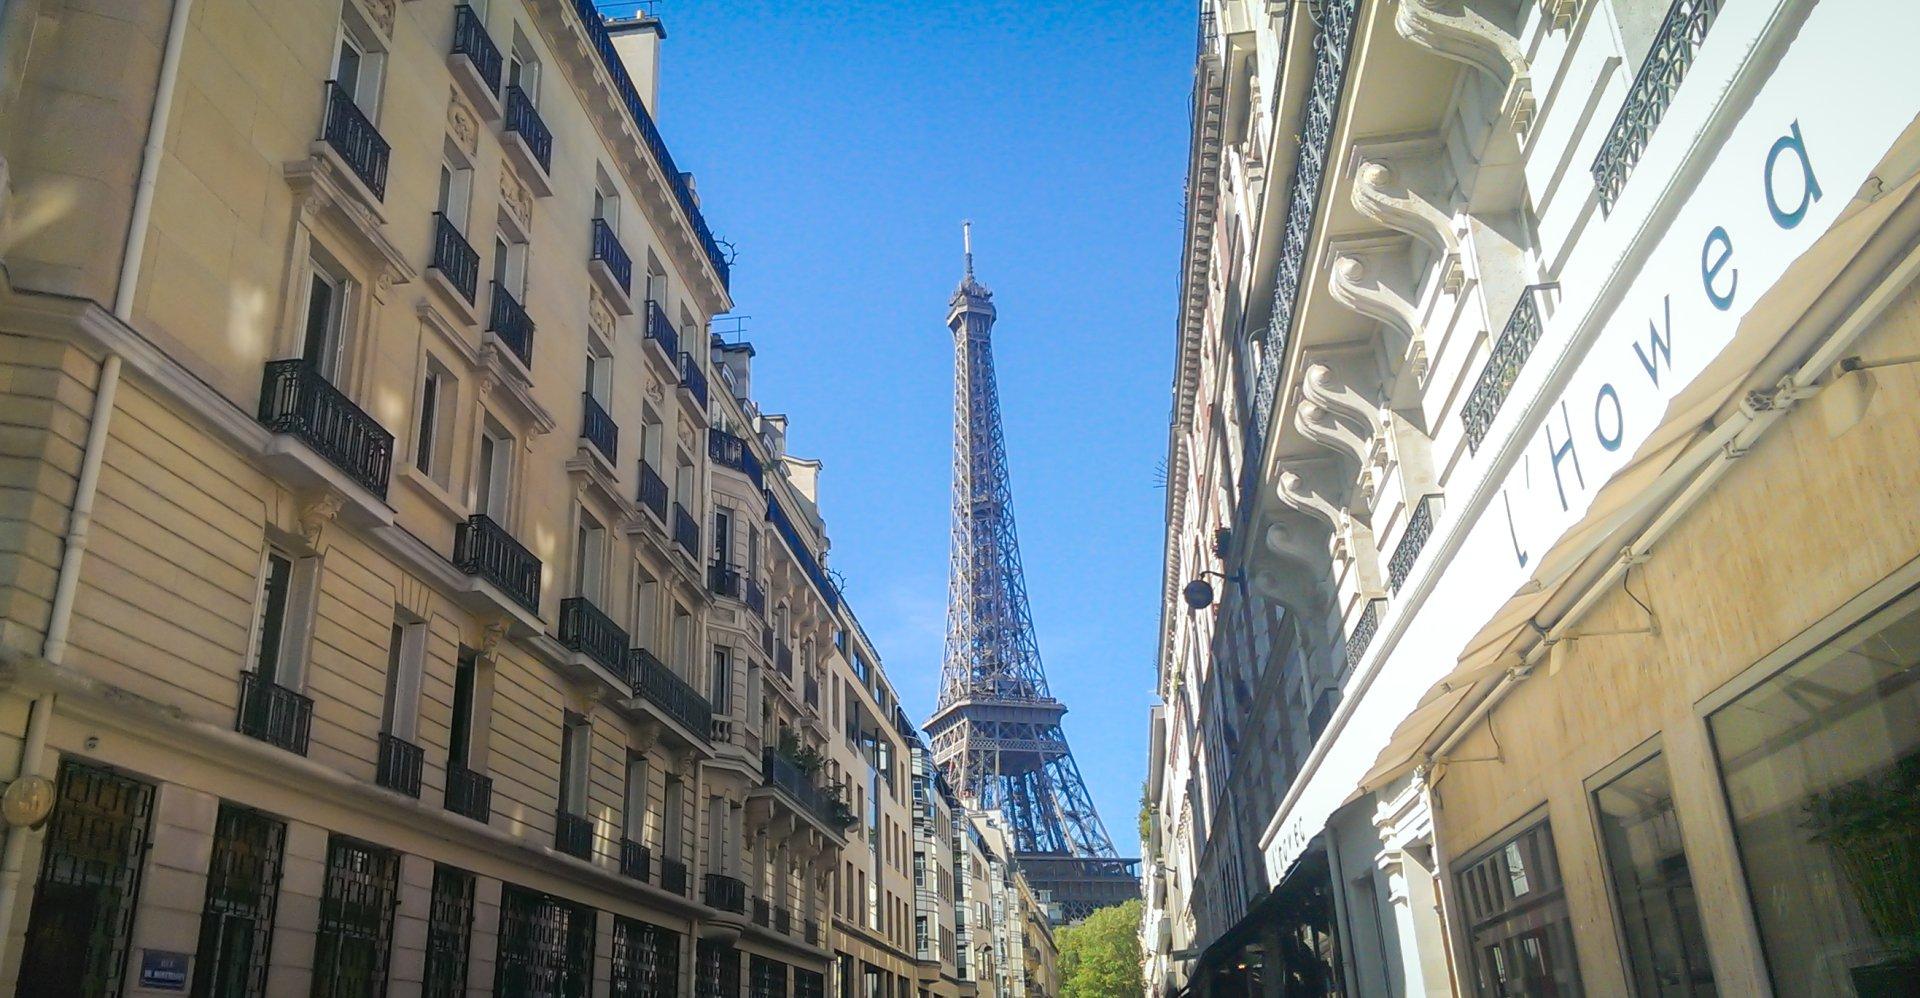 Man Made - Paris  Eiffel Tower France City Street Wallpaper